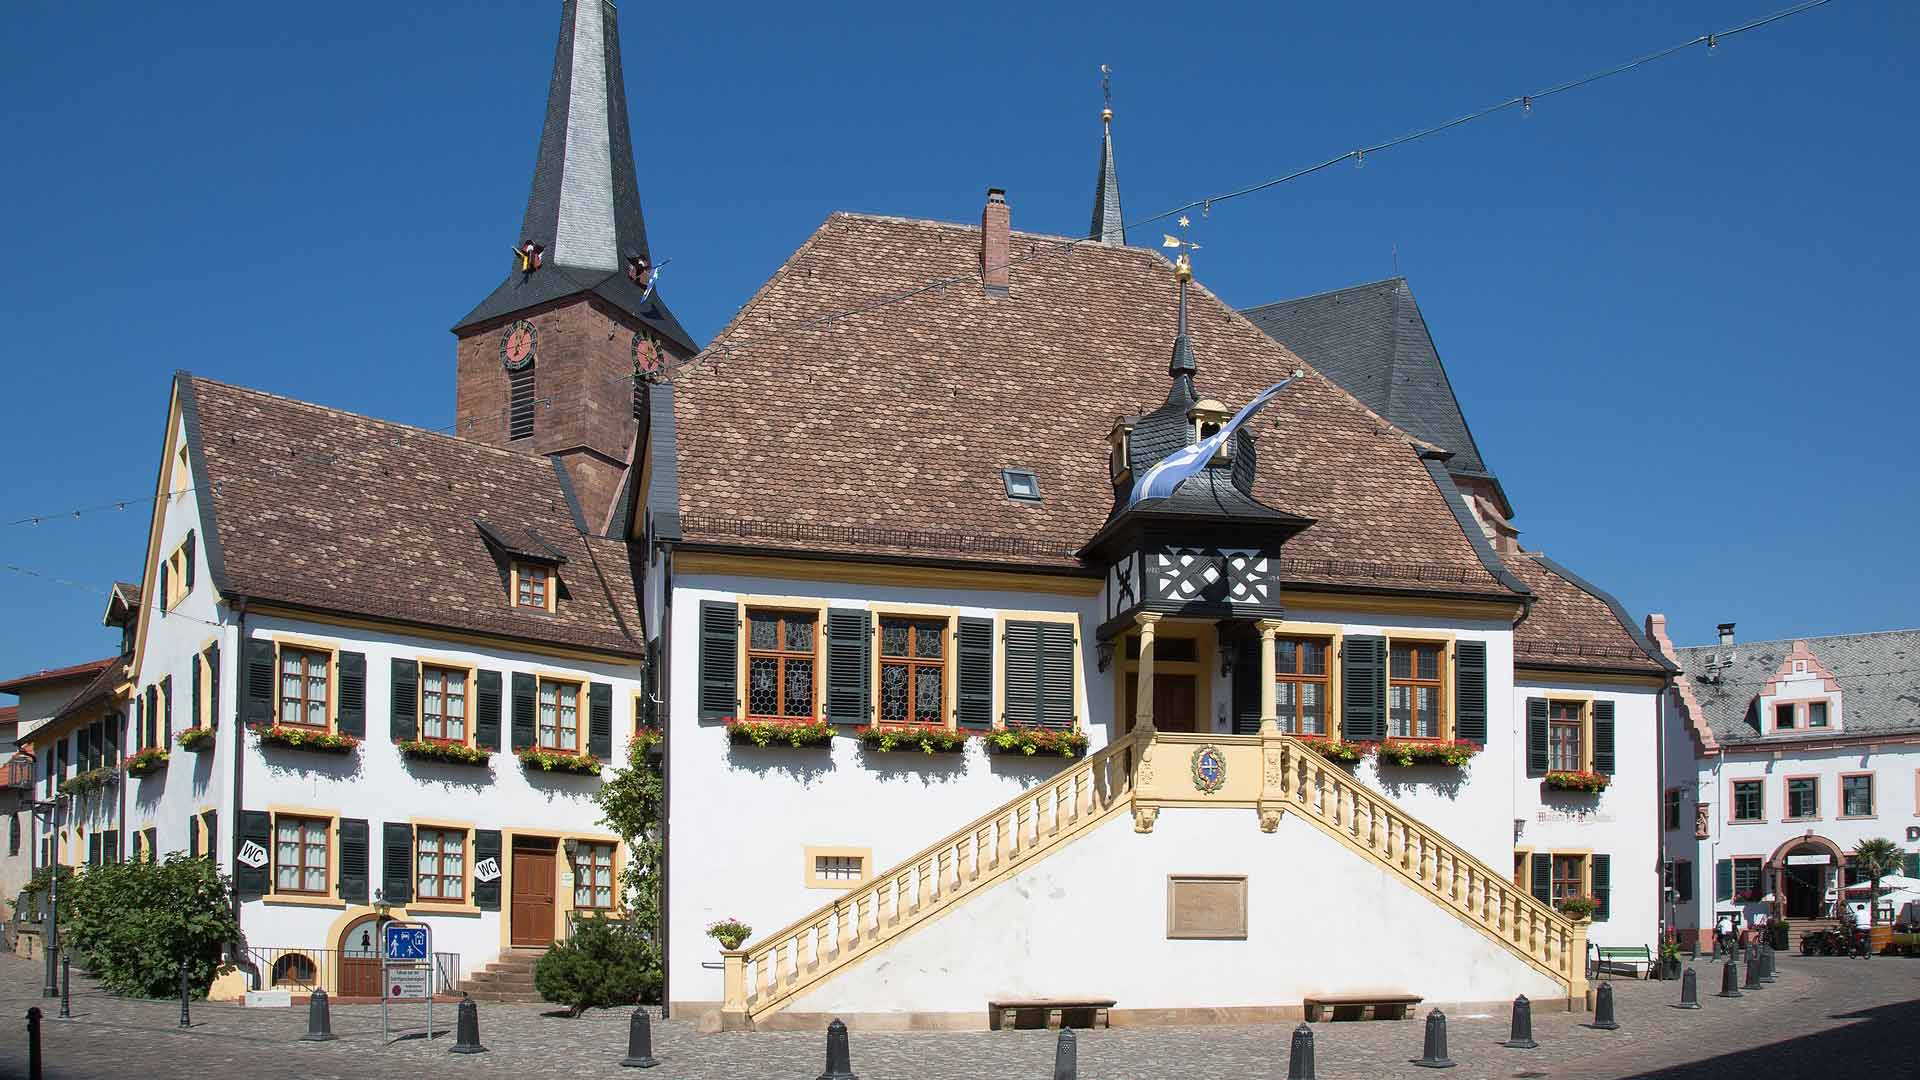 Het stadhuis van Deidesheim in de Pfalz.